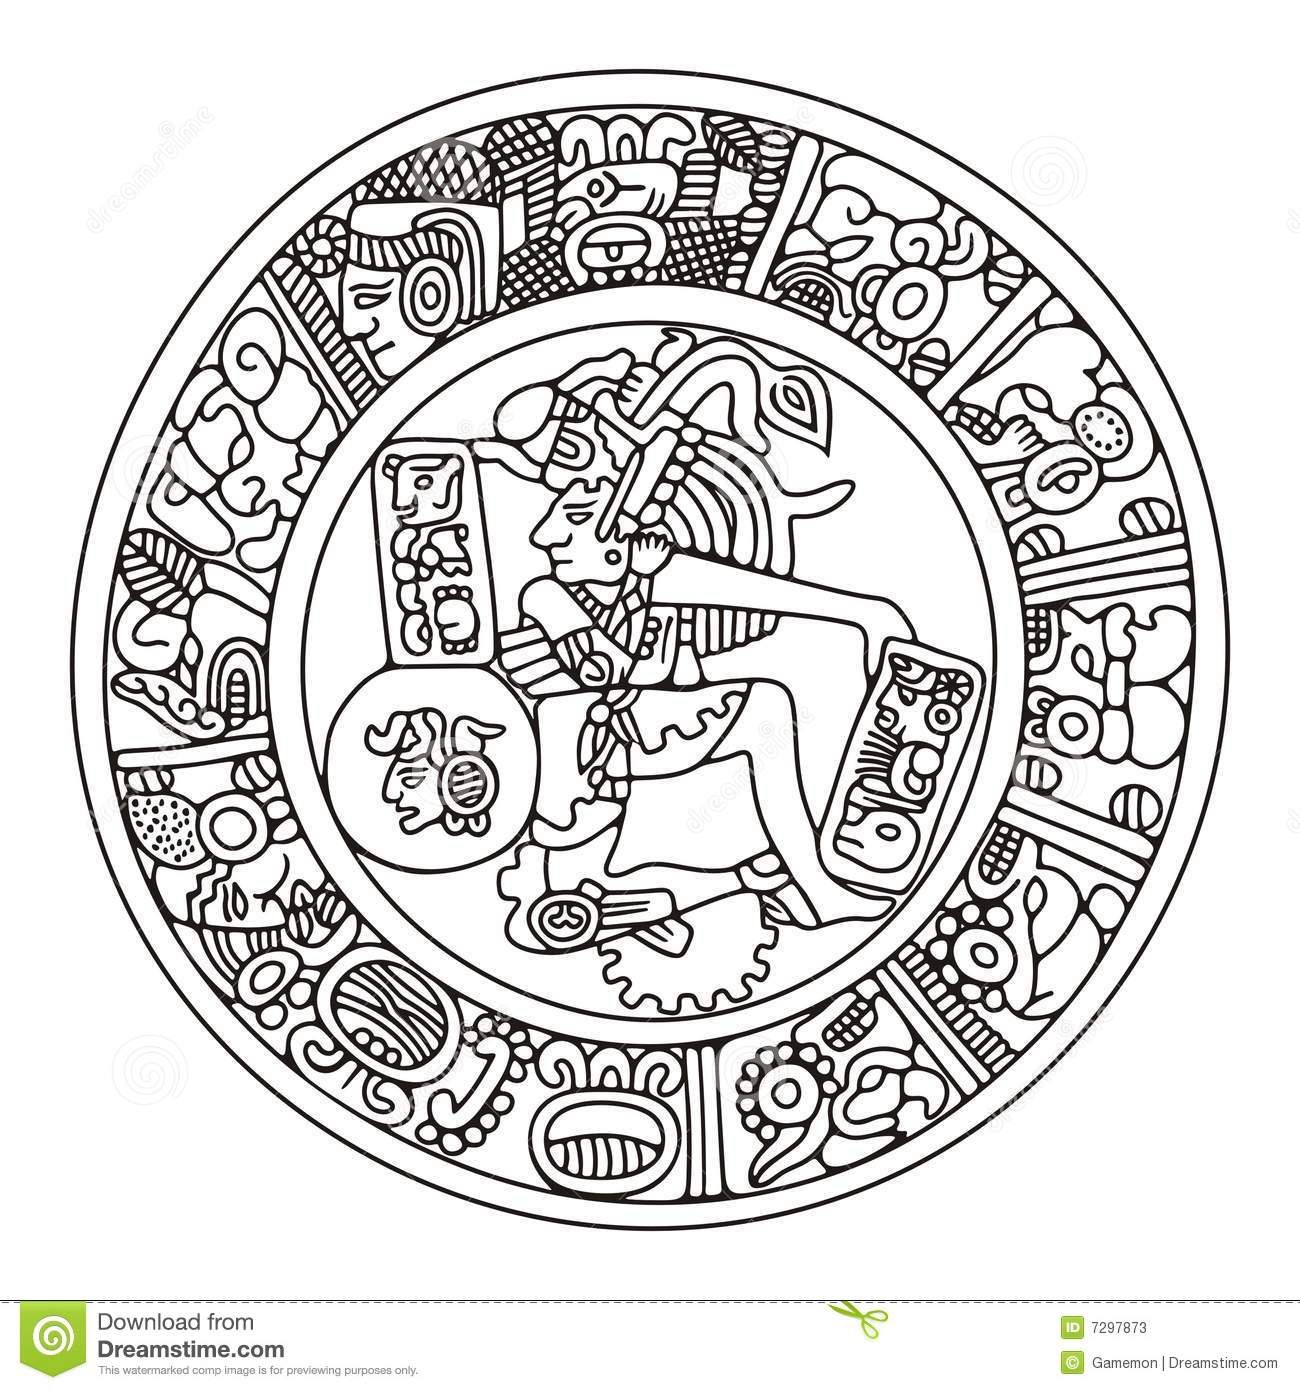 Mayan Calendar Vector Art : Mayan artwork stock photos image classroom